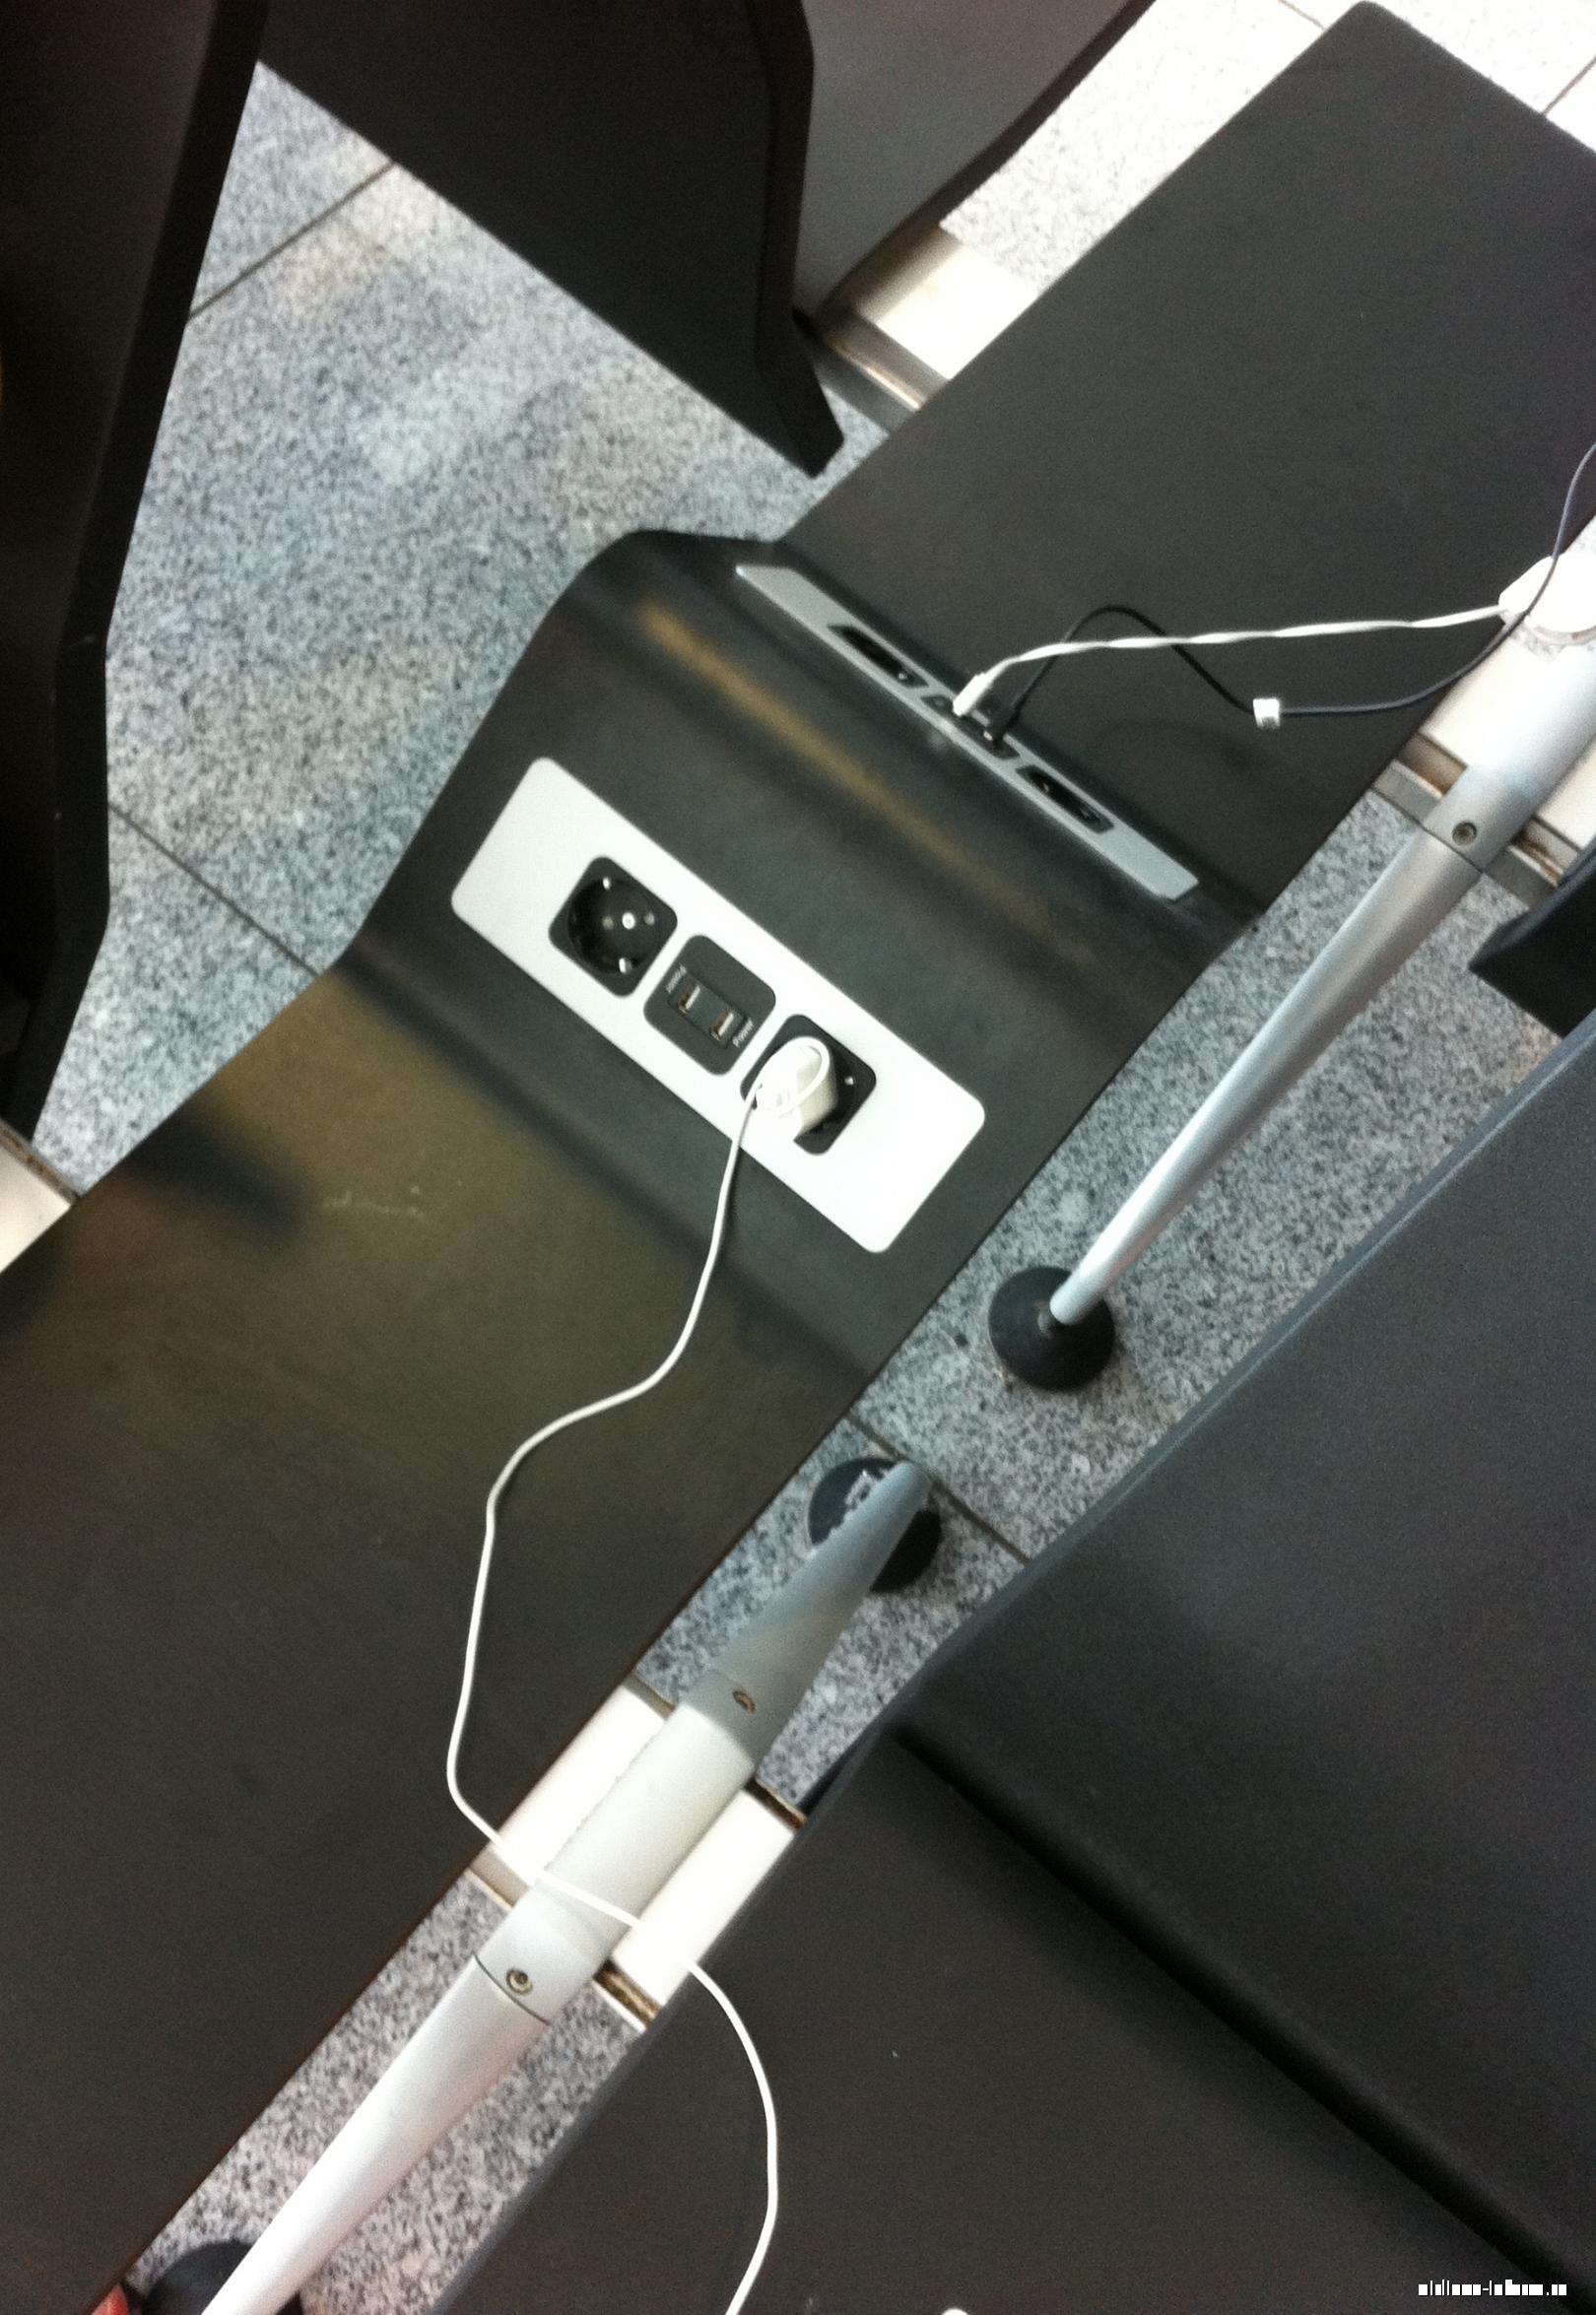 Розетки и USB-порты для подзарядки